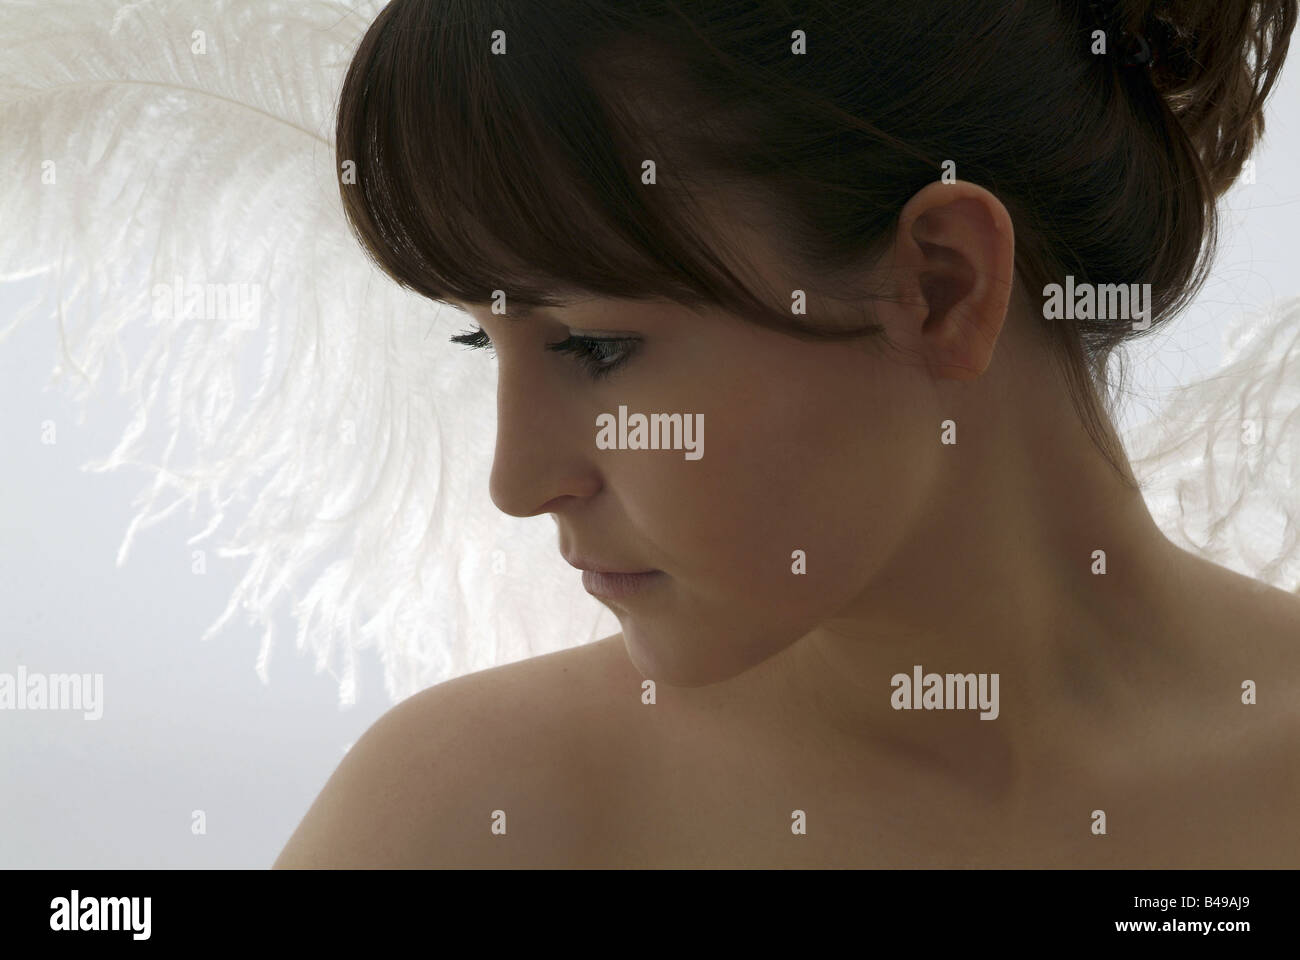 Mujer joven con alas de ángeles Imagen De Stock